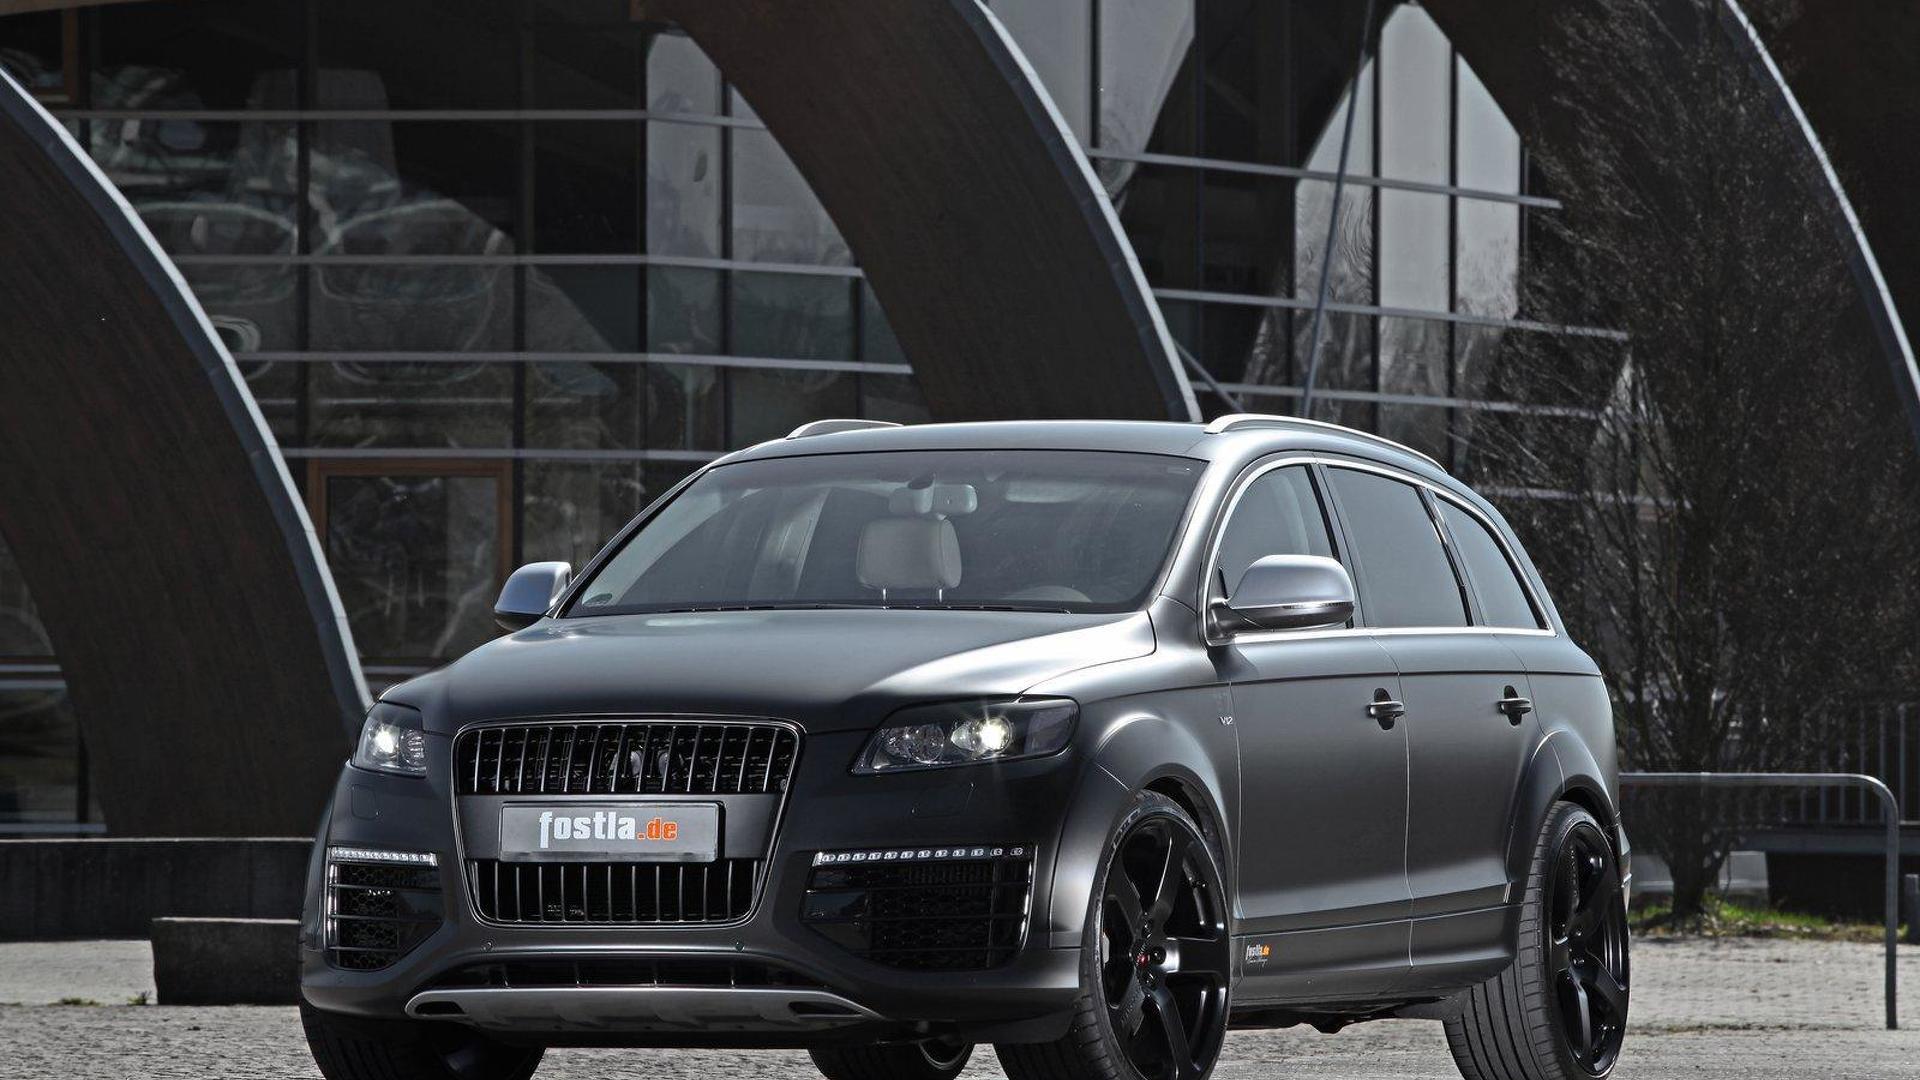 Audi Q7 Specs >> Diesel Audi Q7 With 600 Hp By Fostla